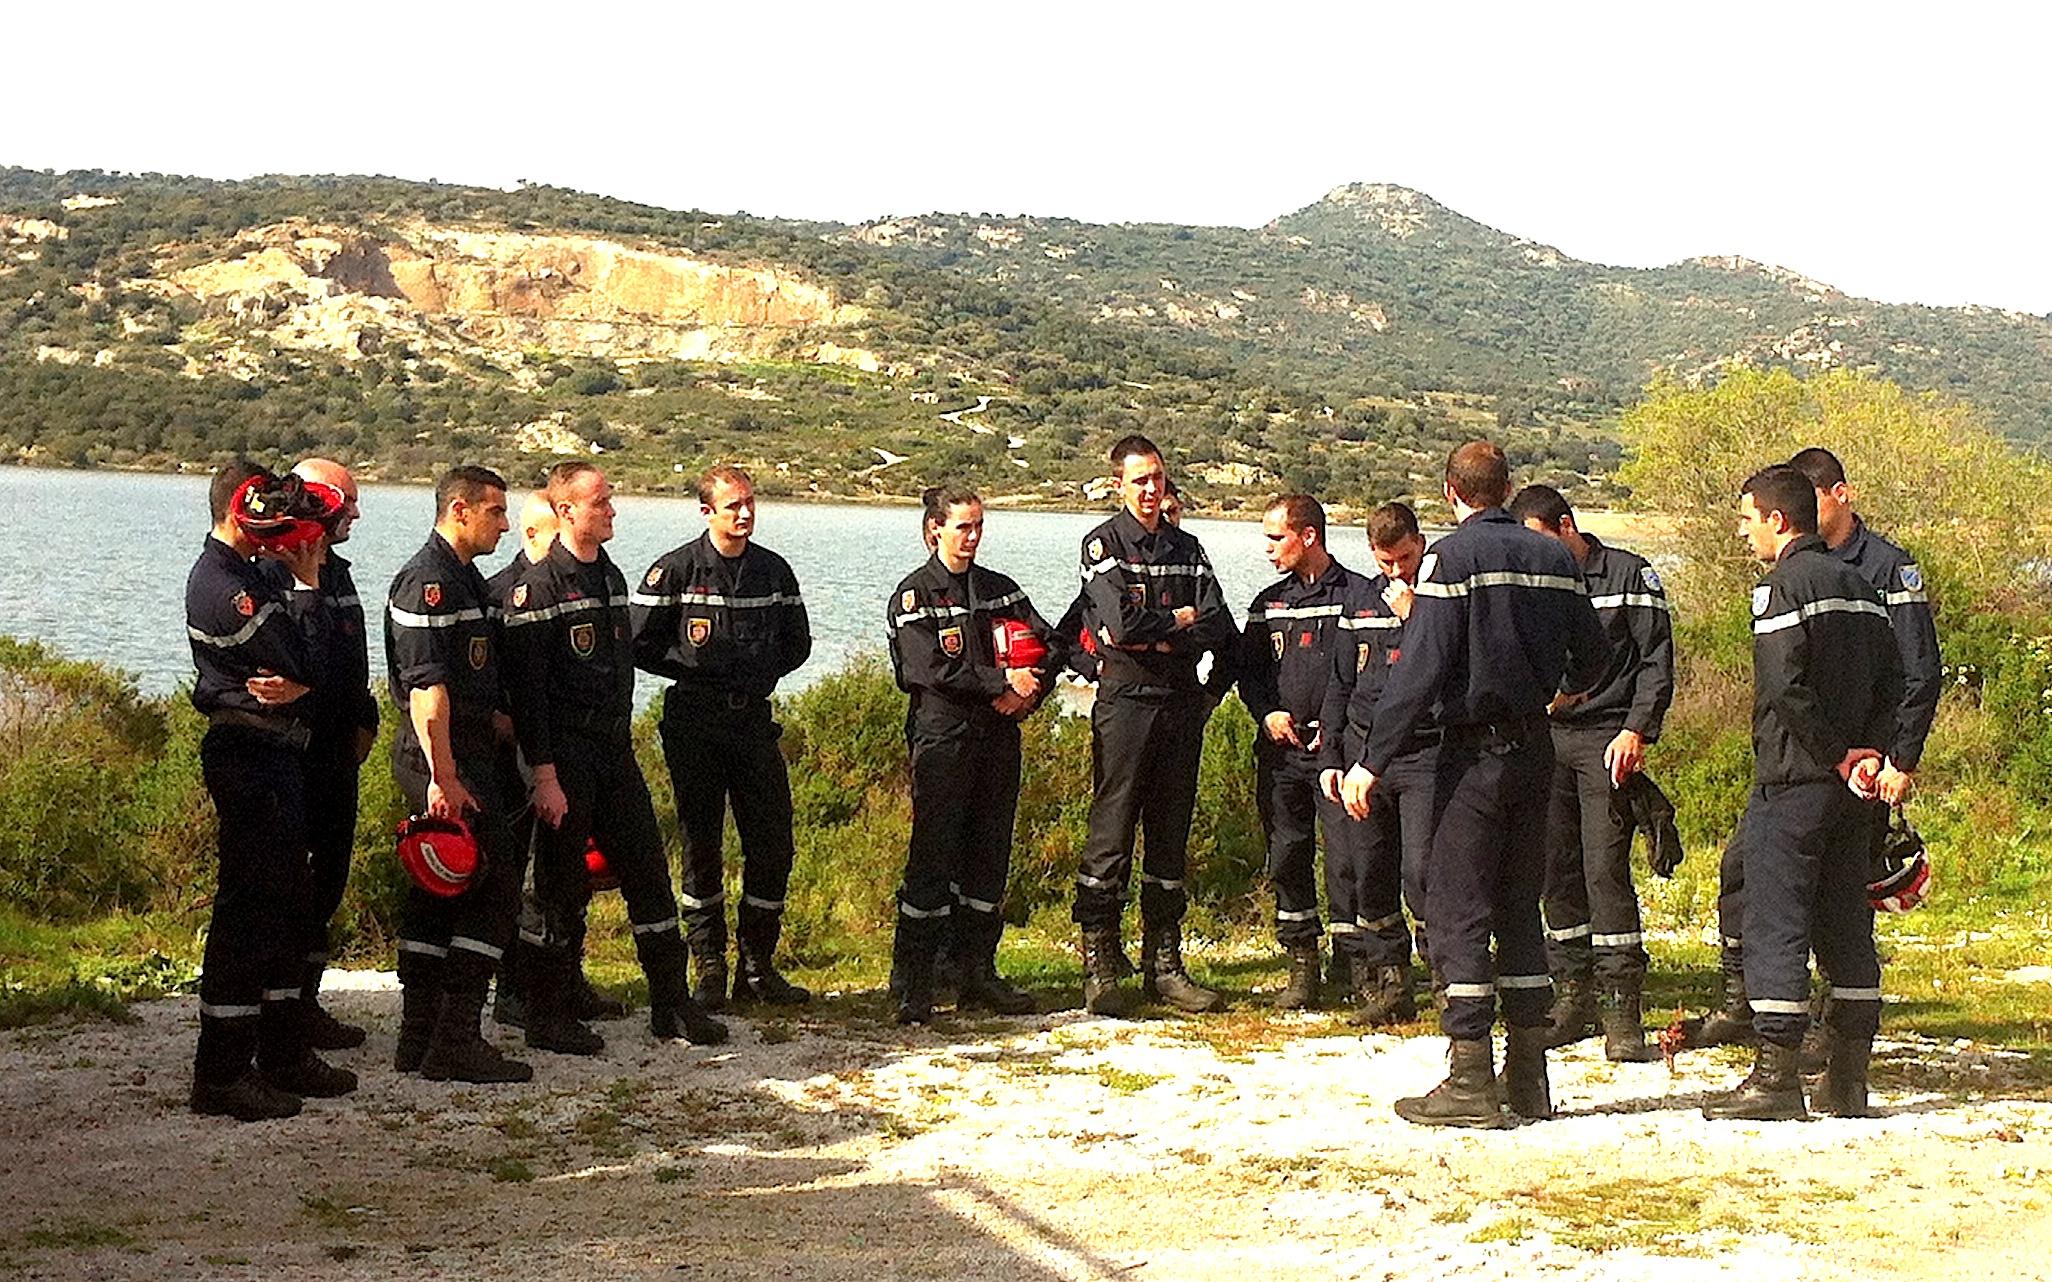 L'Unité d'Instruction et d'Intervention de Sécurité Civile 5 (UIISC5) de Corte à l'entraînement en Balagne